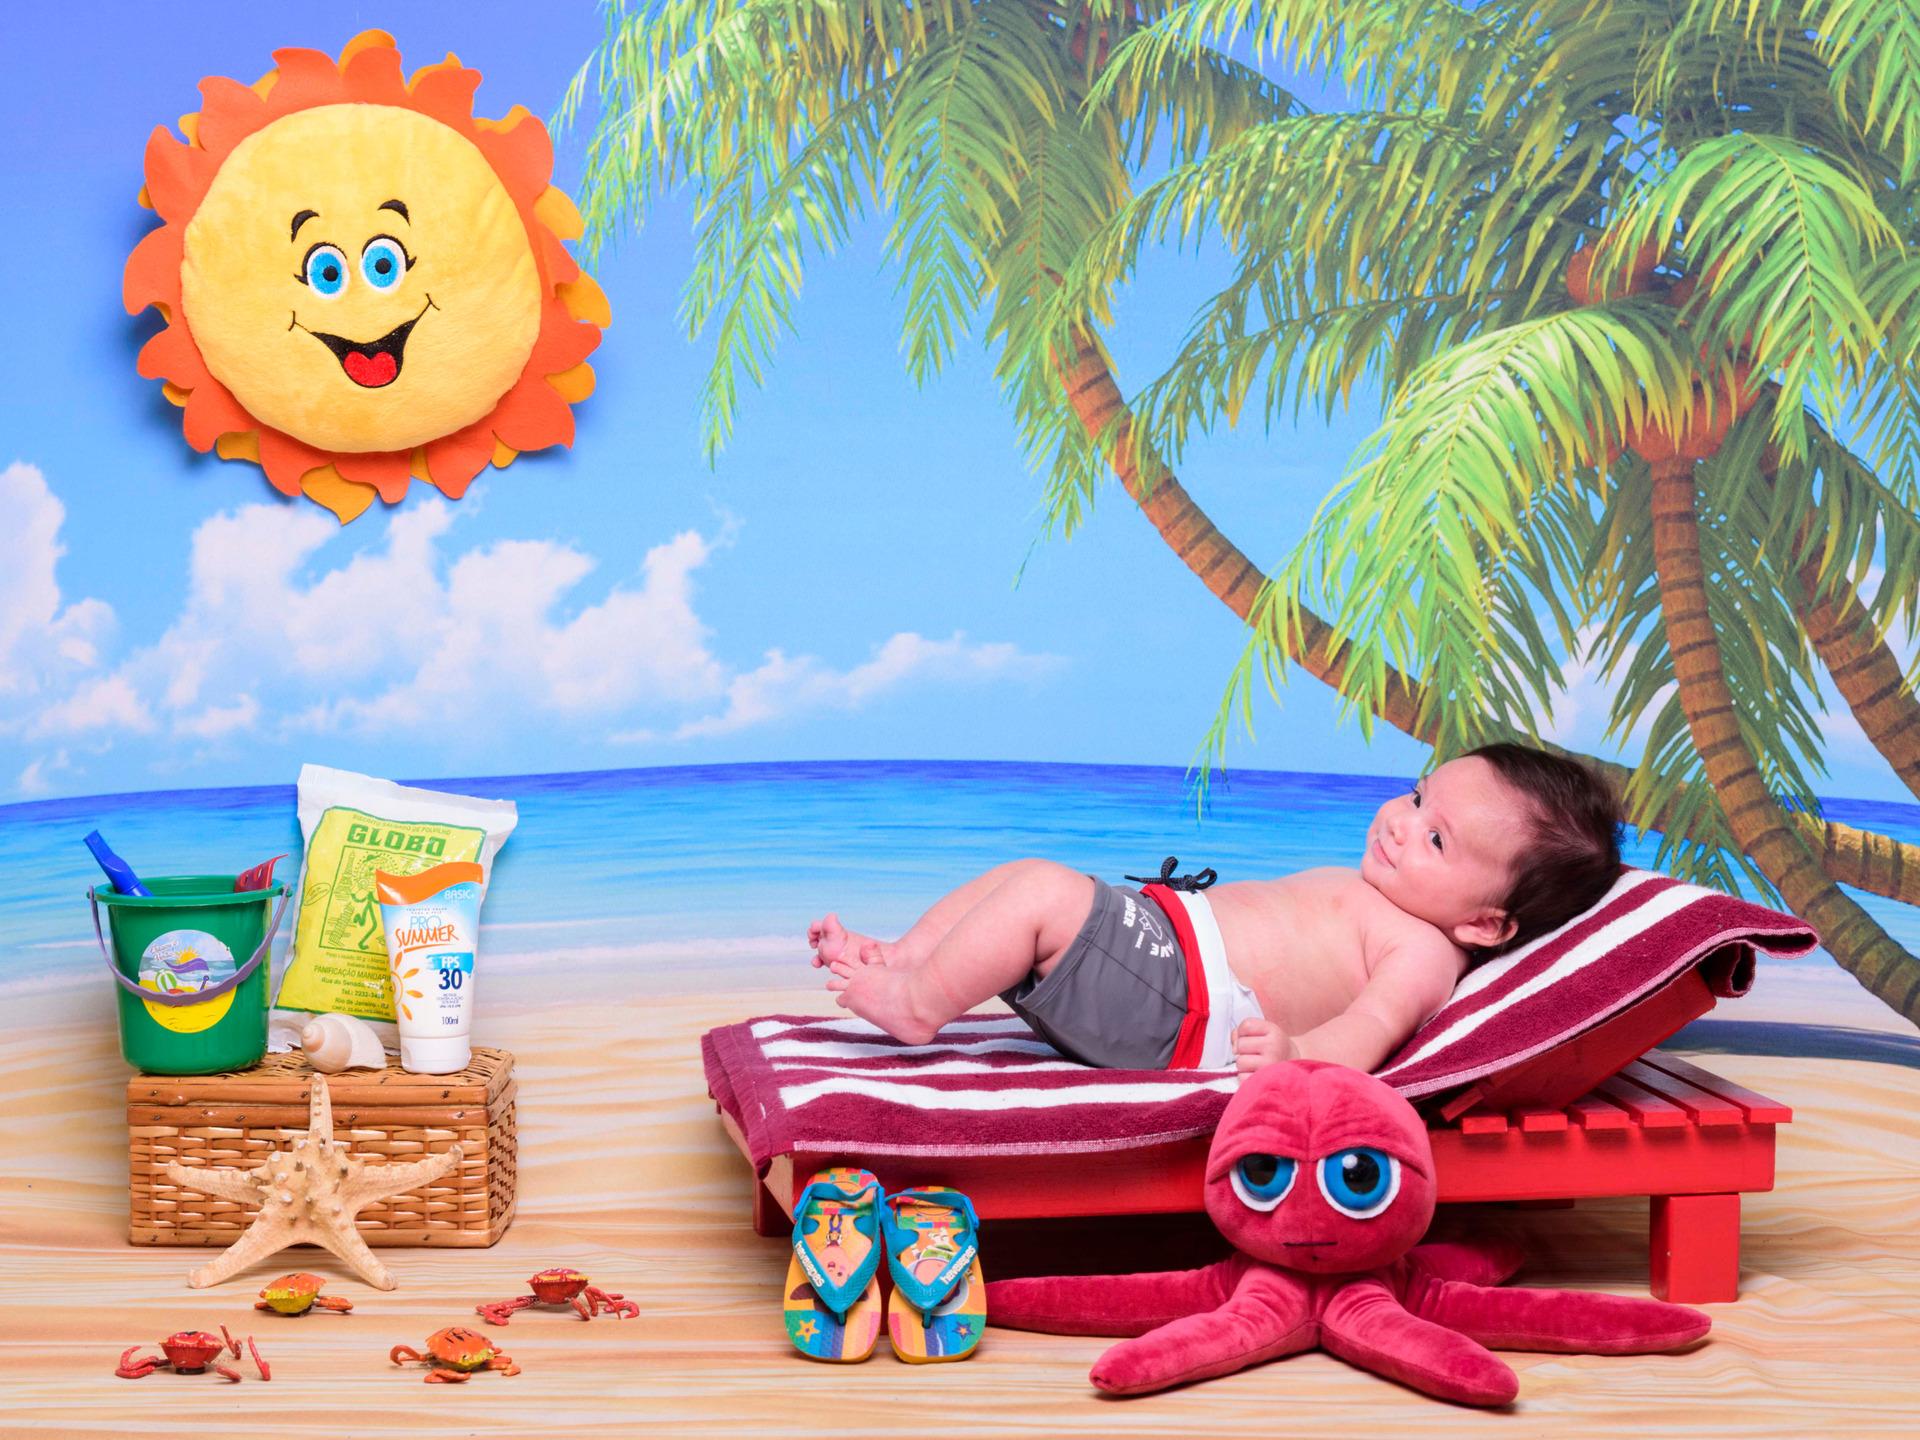 foto de bebê, ensaio infantil, fotografia infantil, sessão praia, biscoito globo, bebê na praia, inspiração ensaio bebês, foto de verão, ferias de verão, bebês fofos, bebês sorridentes